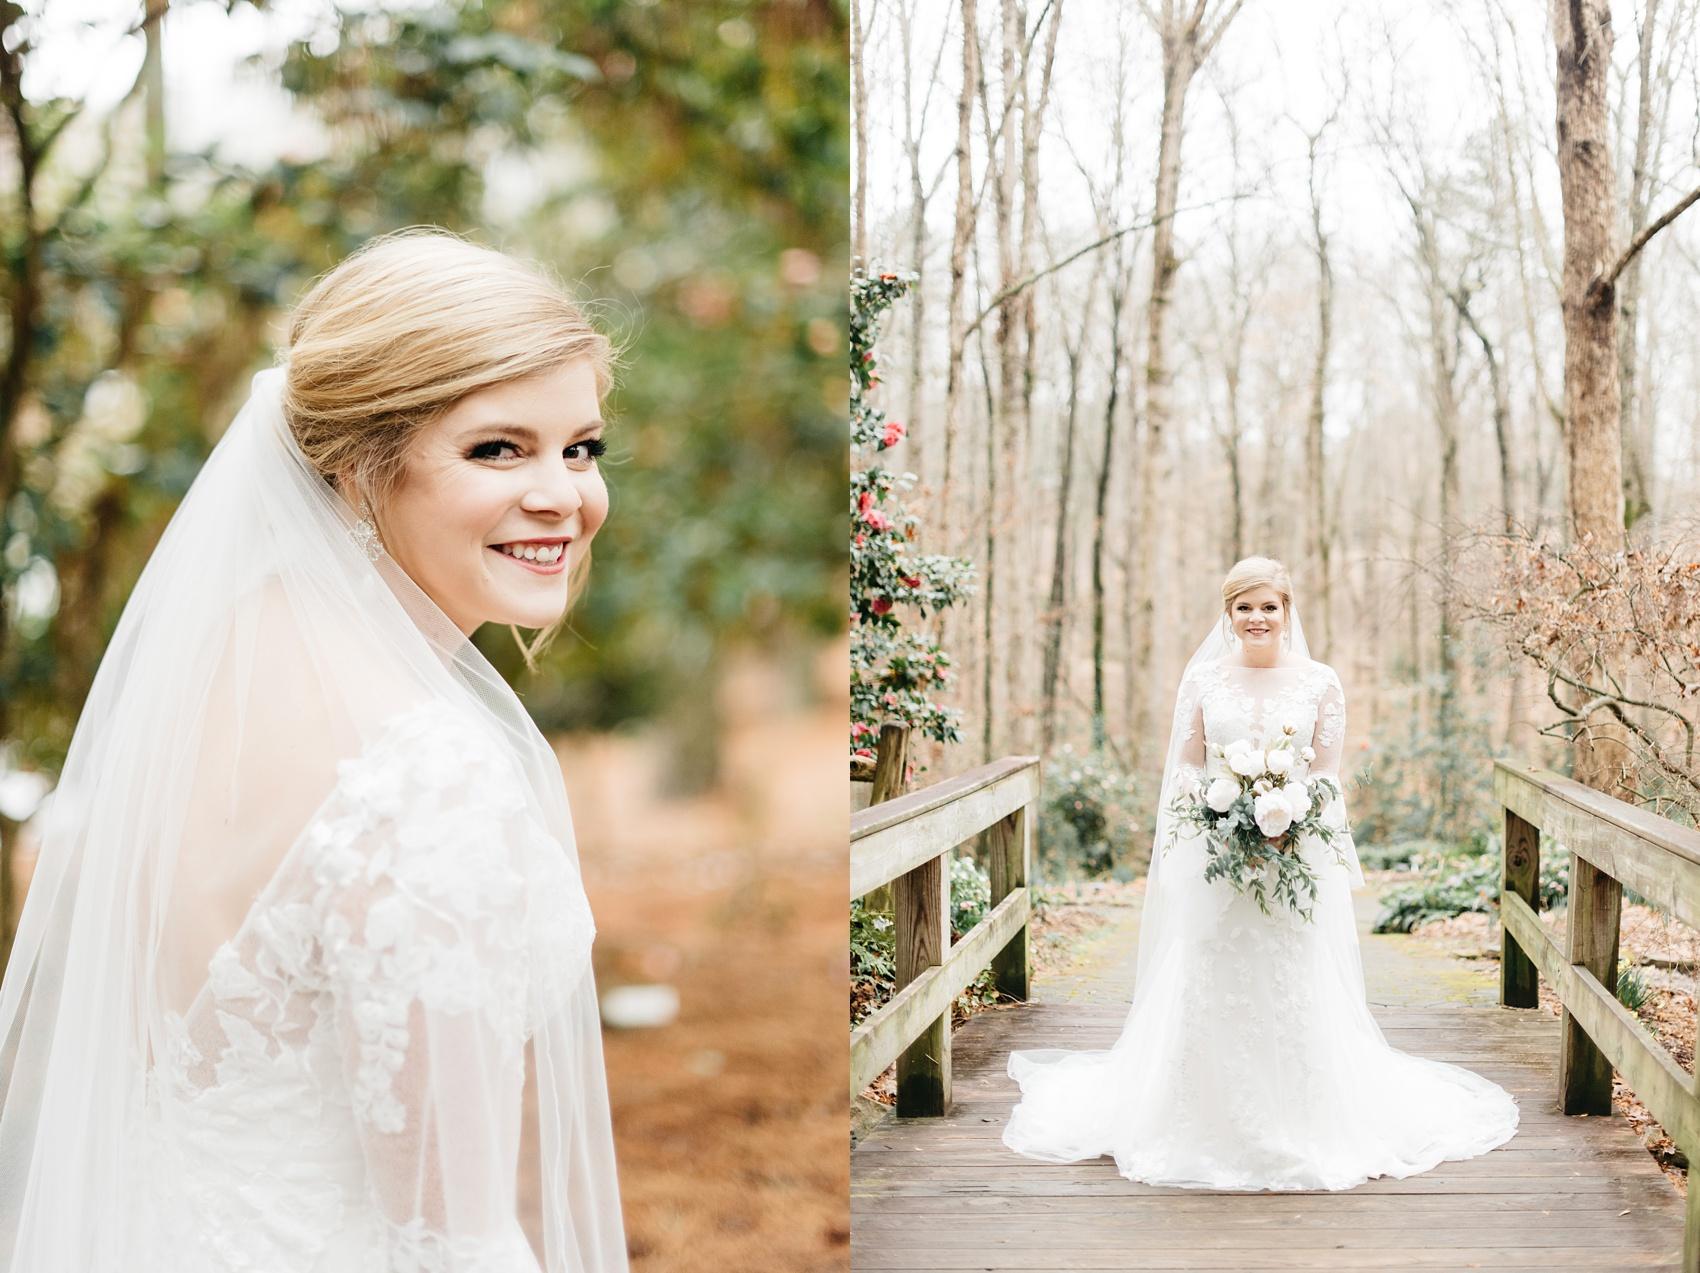 aiken_wedding_photographer_5183.jpg